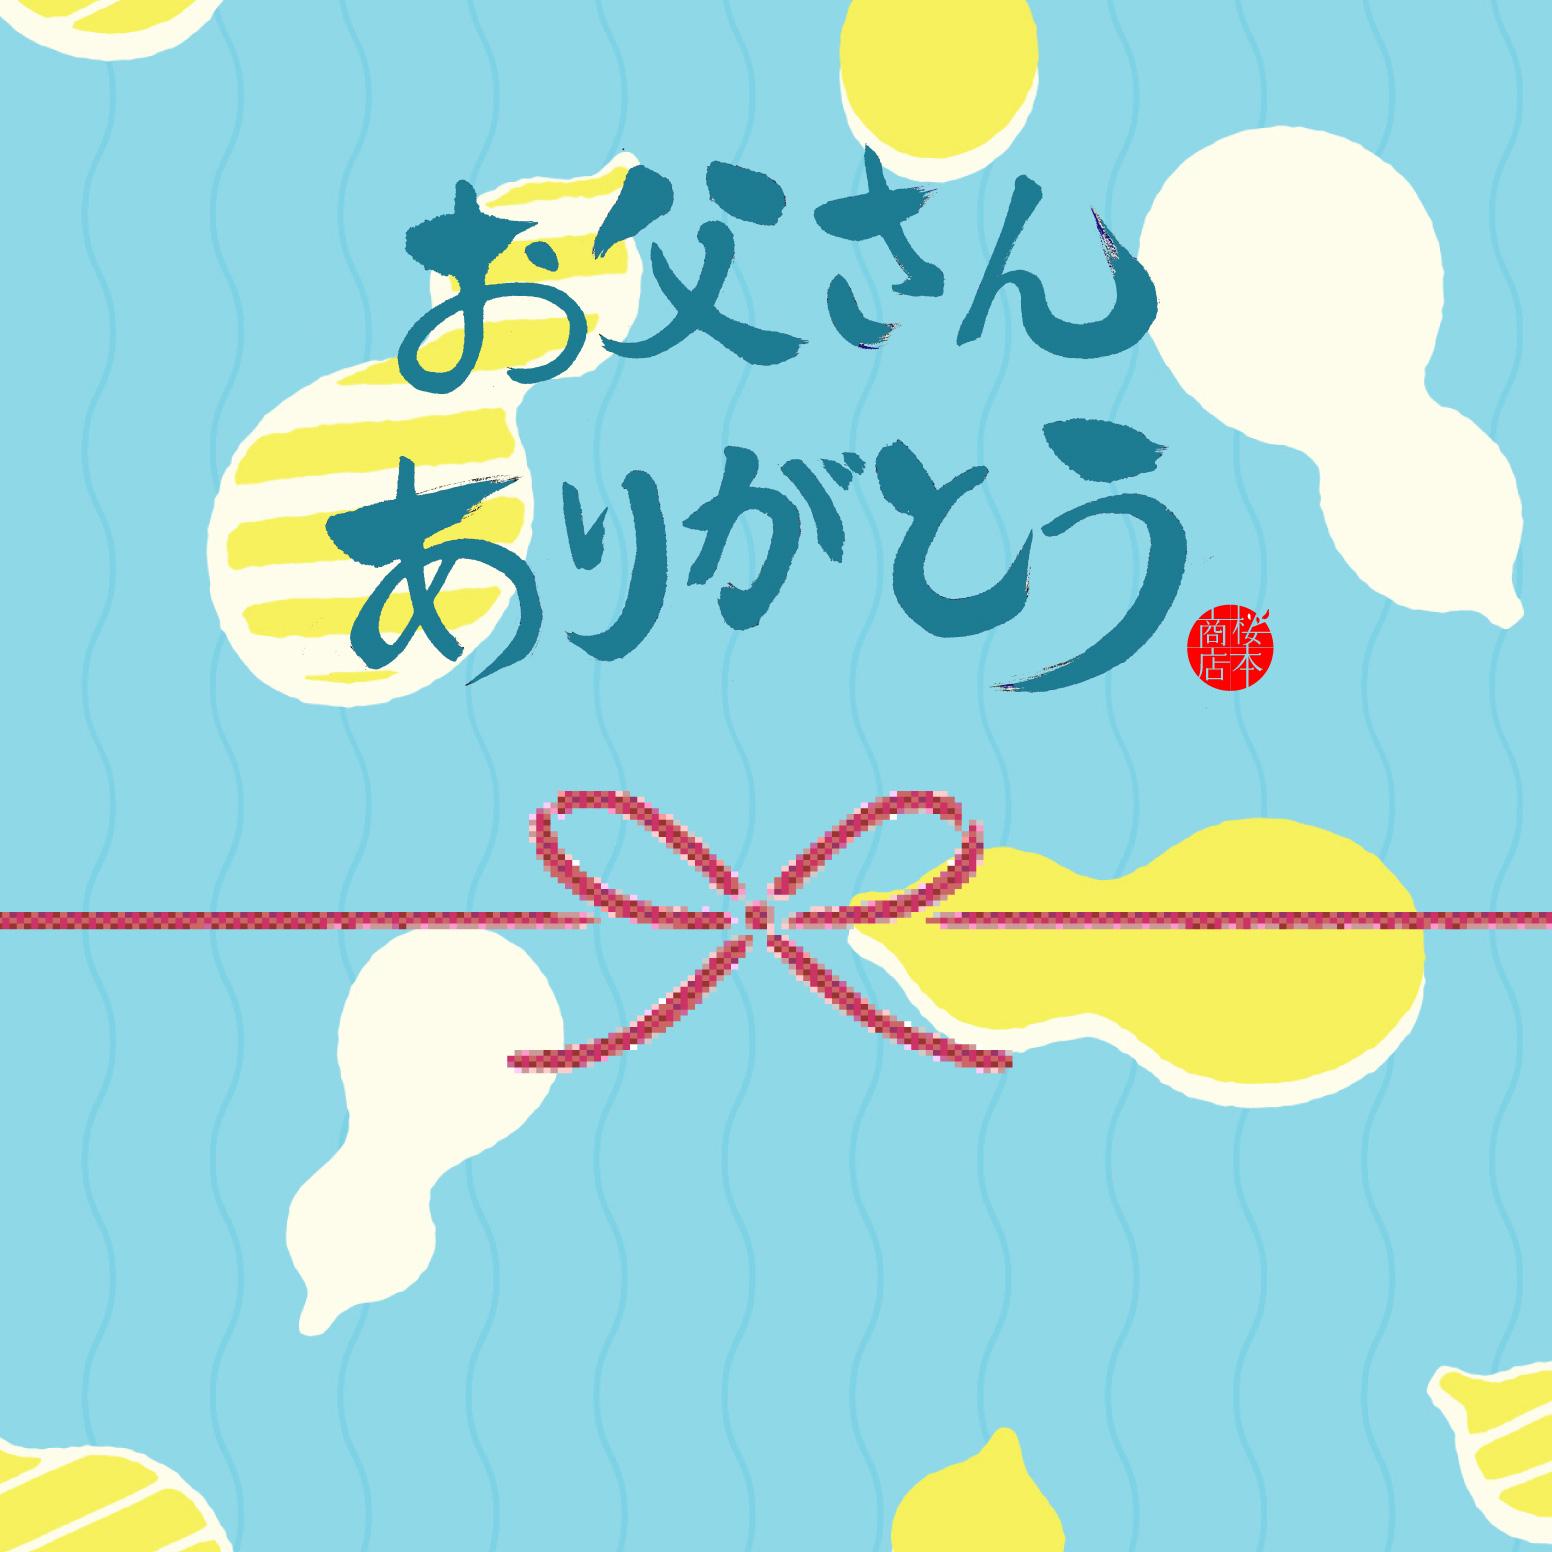 【父の日ギフト】芋焼酎 一尚セット<720ml×2本>